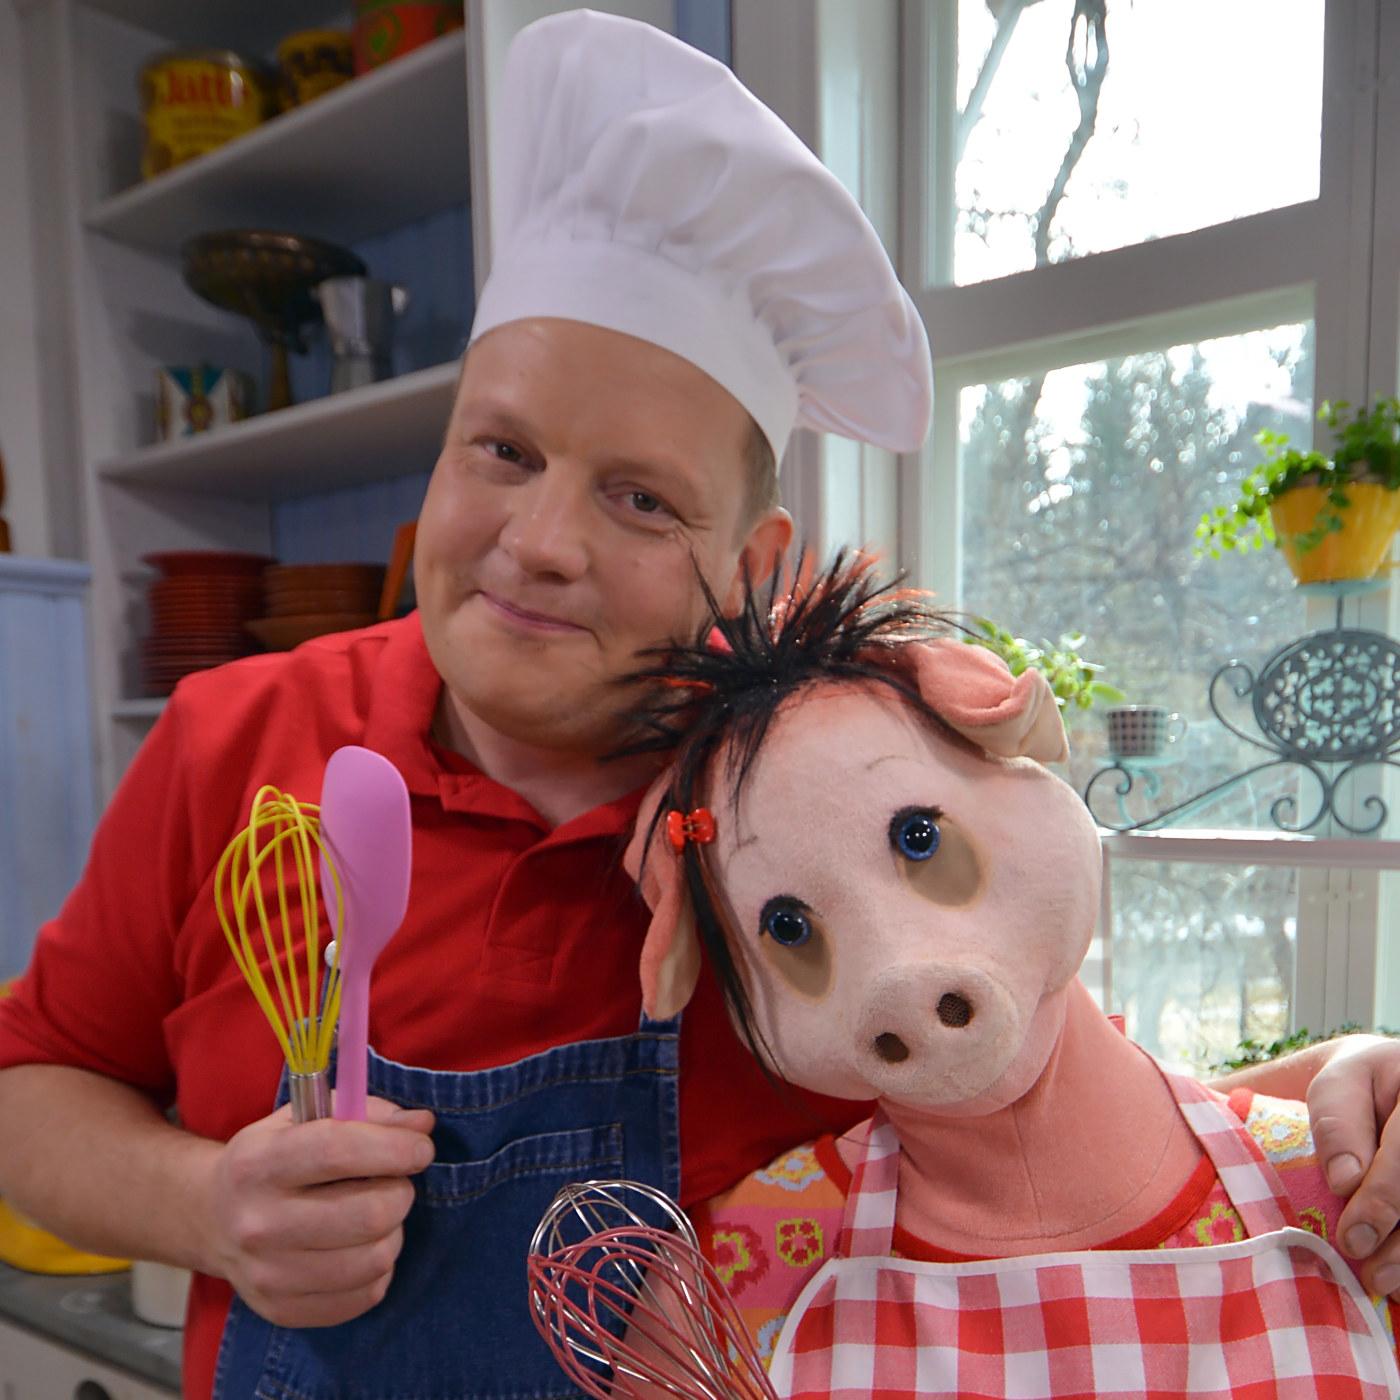 Michael Björklund Lär Småbarn Laga Mat I Ny Tv-serie